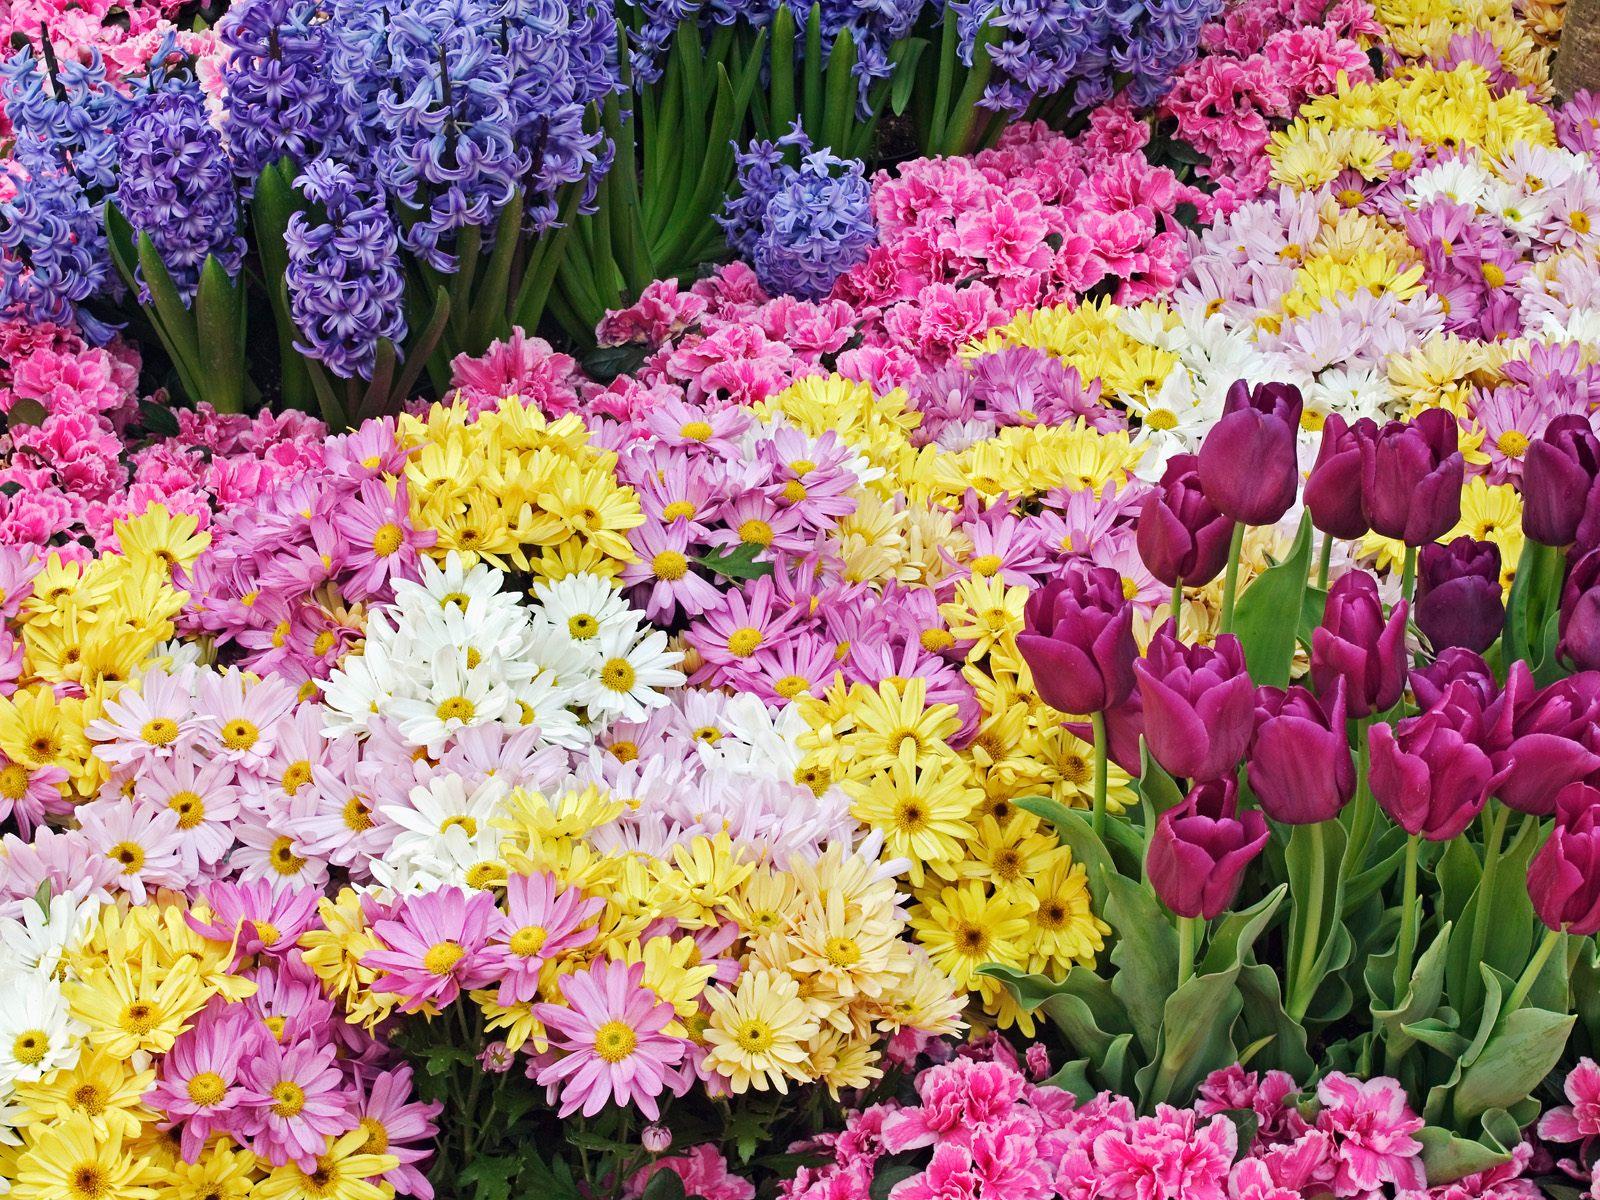 Mercato dei fiori in Campo del Palio